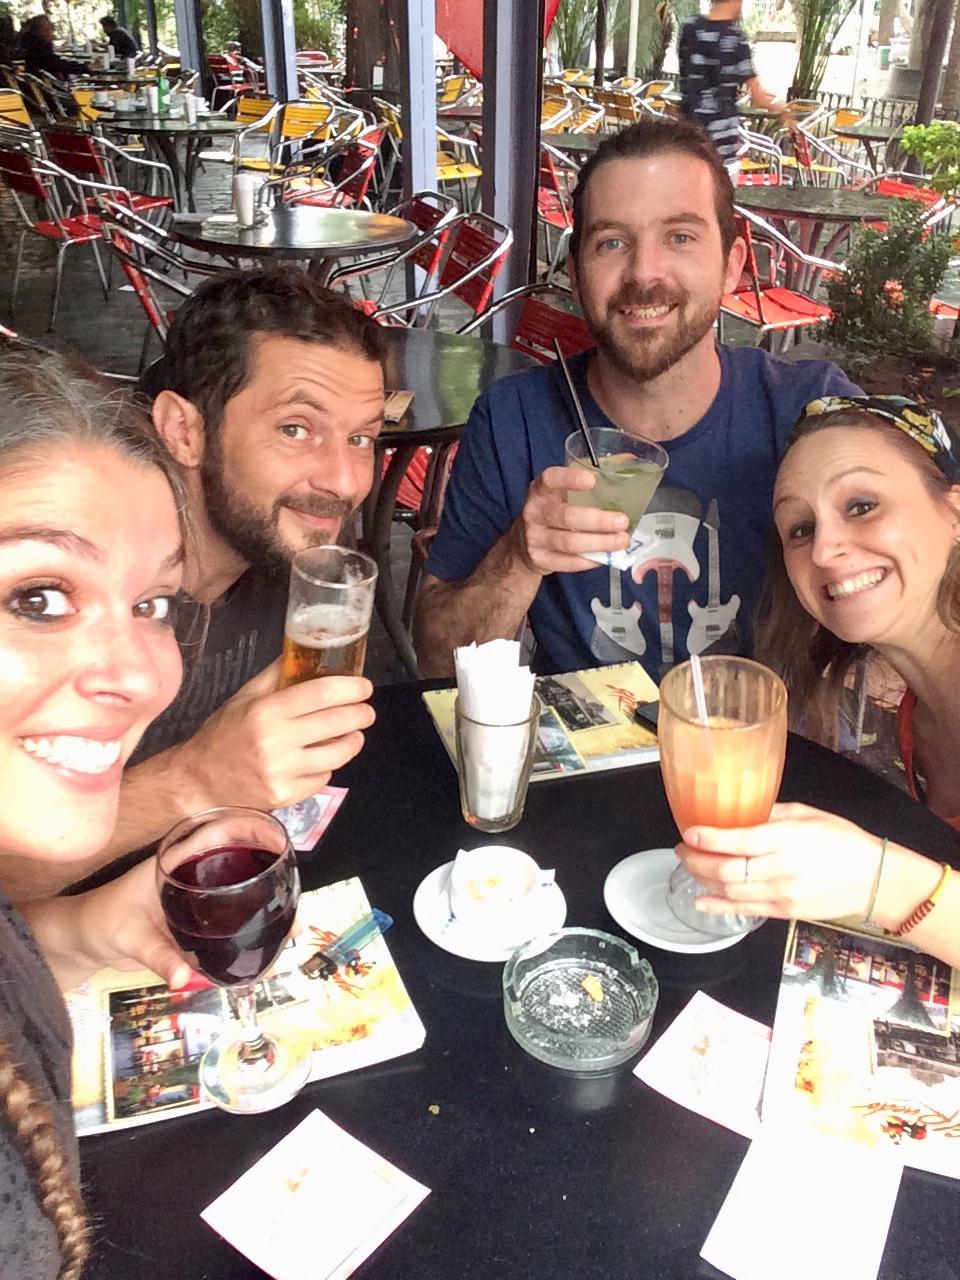 Vacances en famille - argentine - cordoba - Apero - belle ville - visite